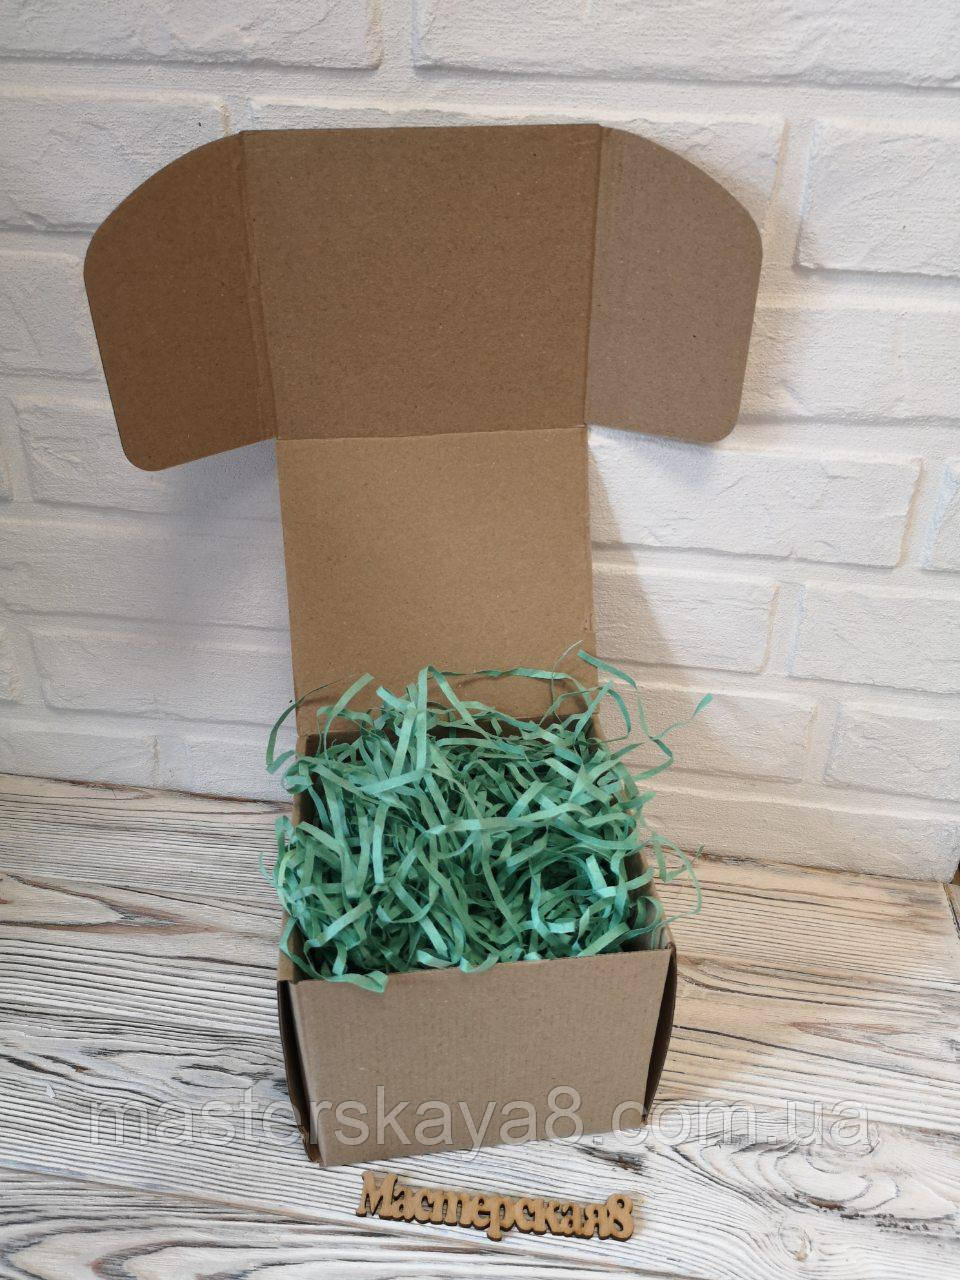 Коробка 150*150*140 мм крафт для подарка с мятным наполнителем , для сувенира, для мыла, косметики